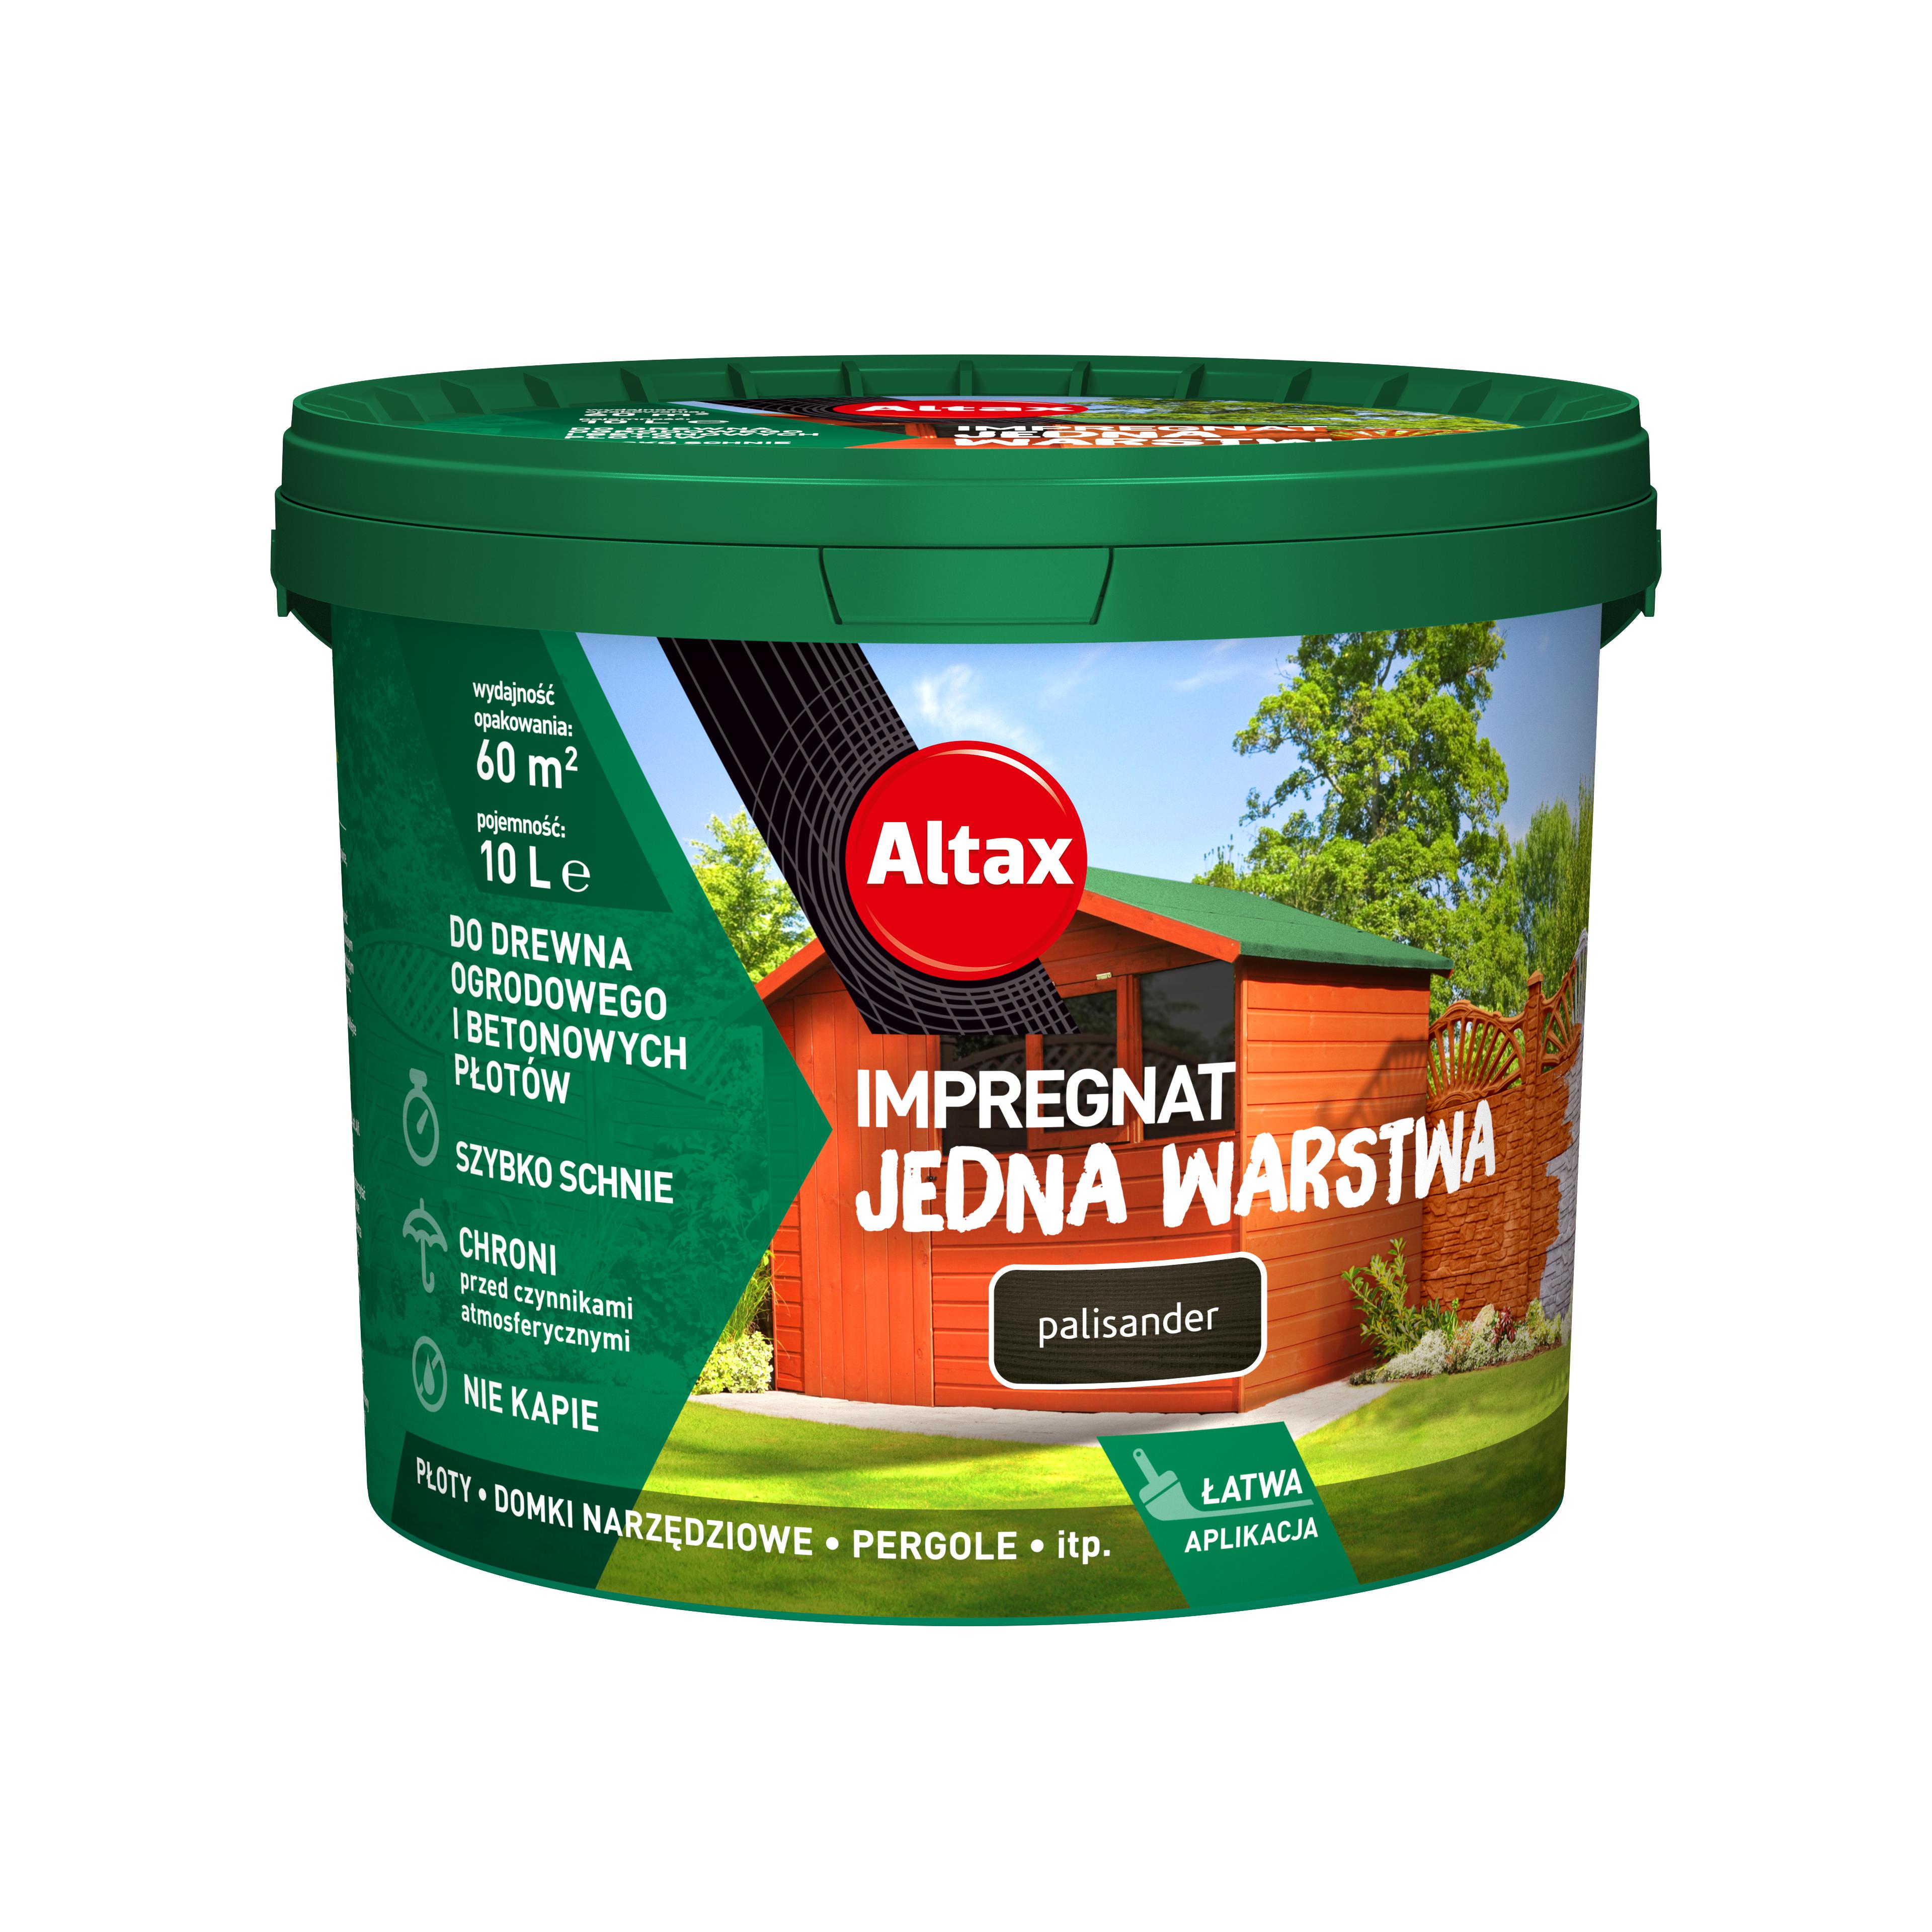 Altax Impregnat Do Drewna Ogrodowego Jedna Warstwa 10L Palisander